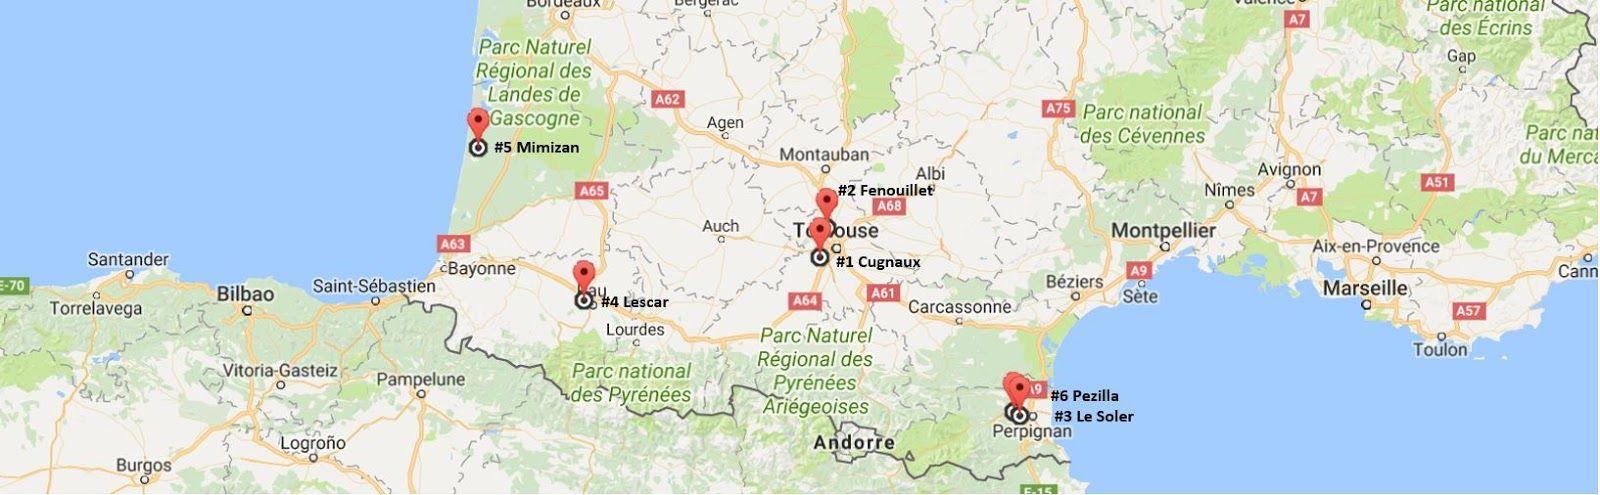 maps Ermes.jpg